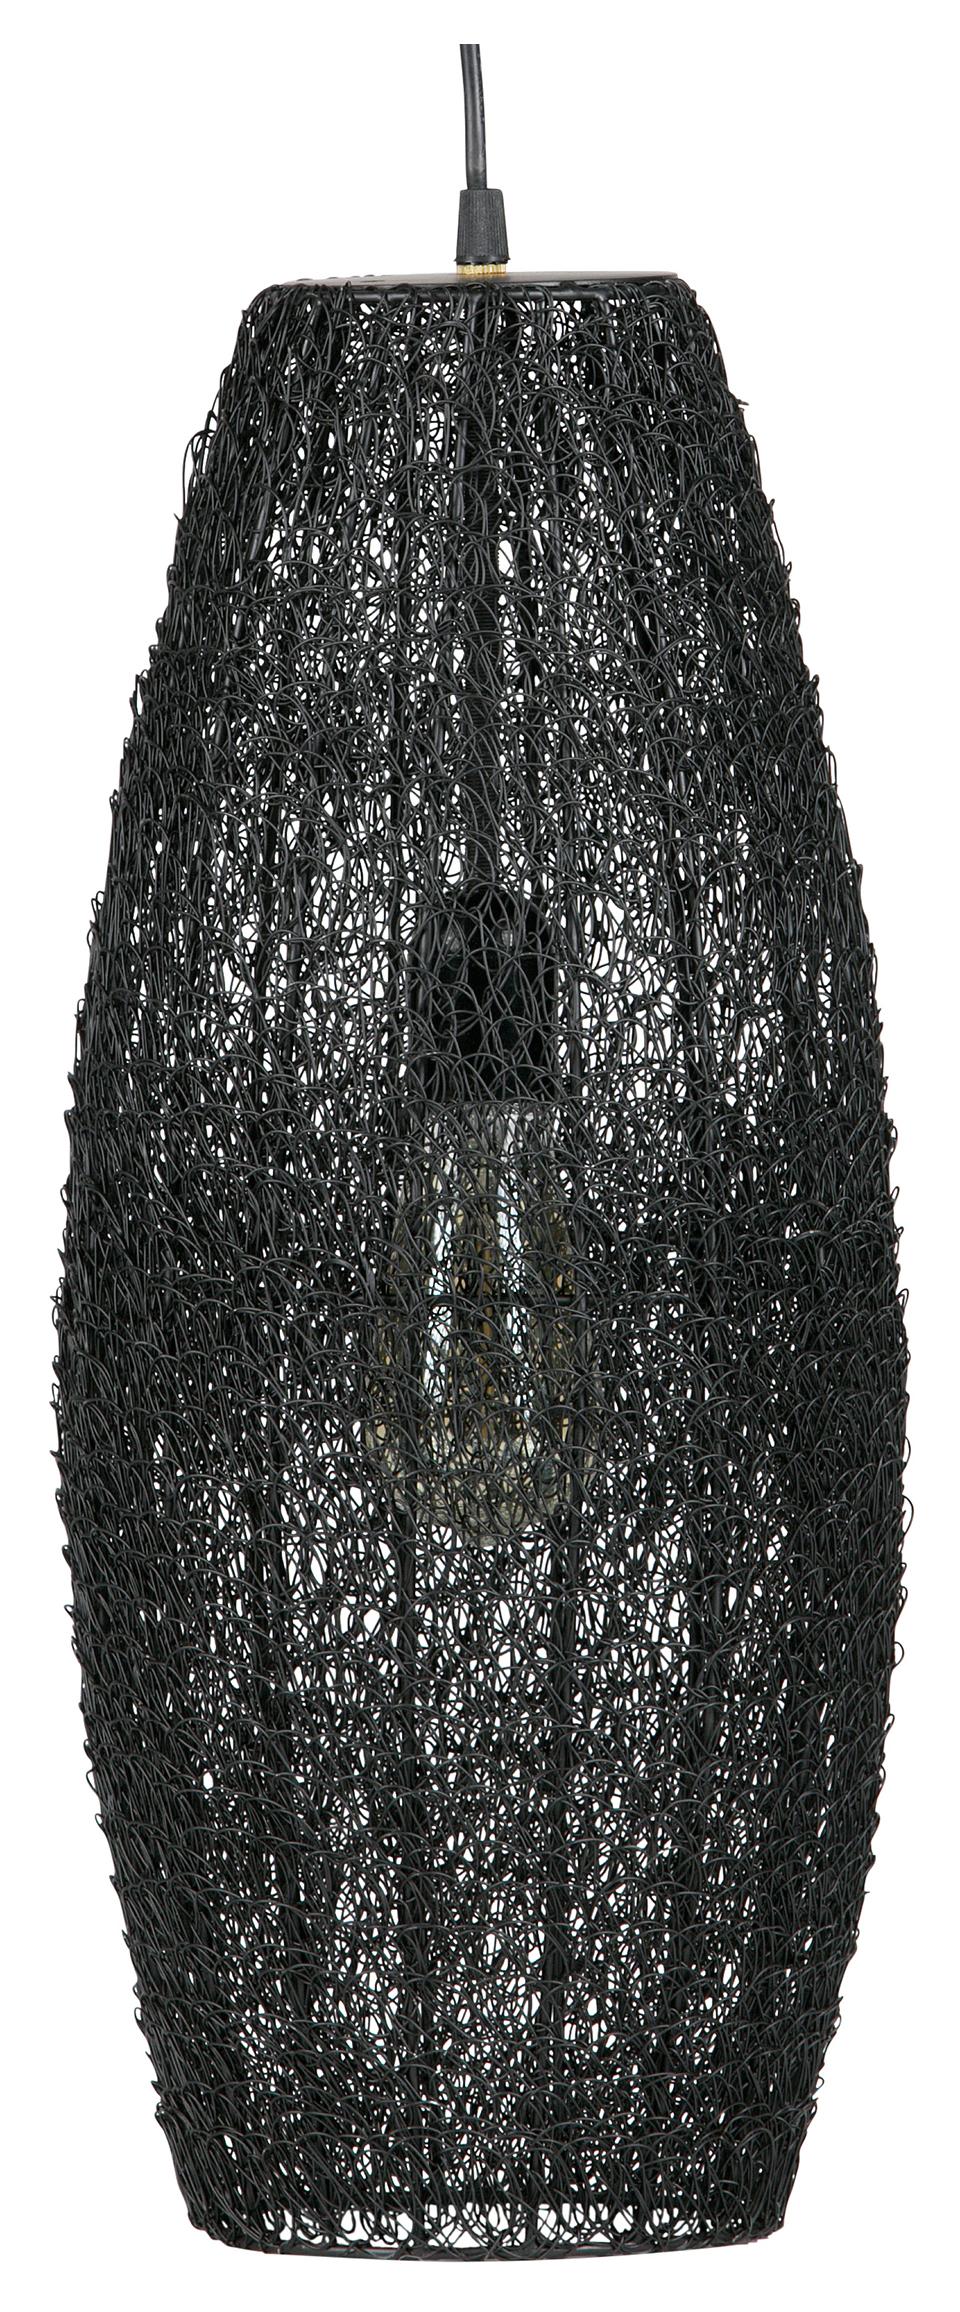 BePureHome Hanglamp 'Creative' 50cm, kleur Zwart Verlichting | Hanglampen kopen